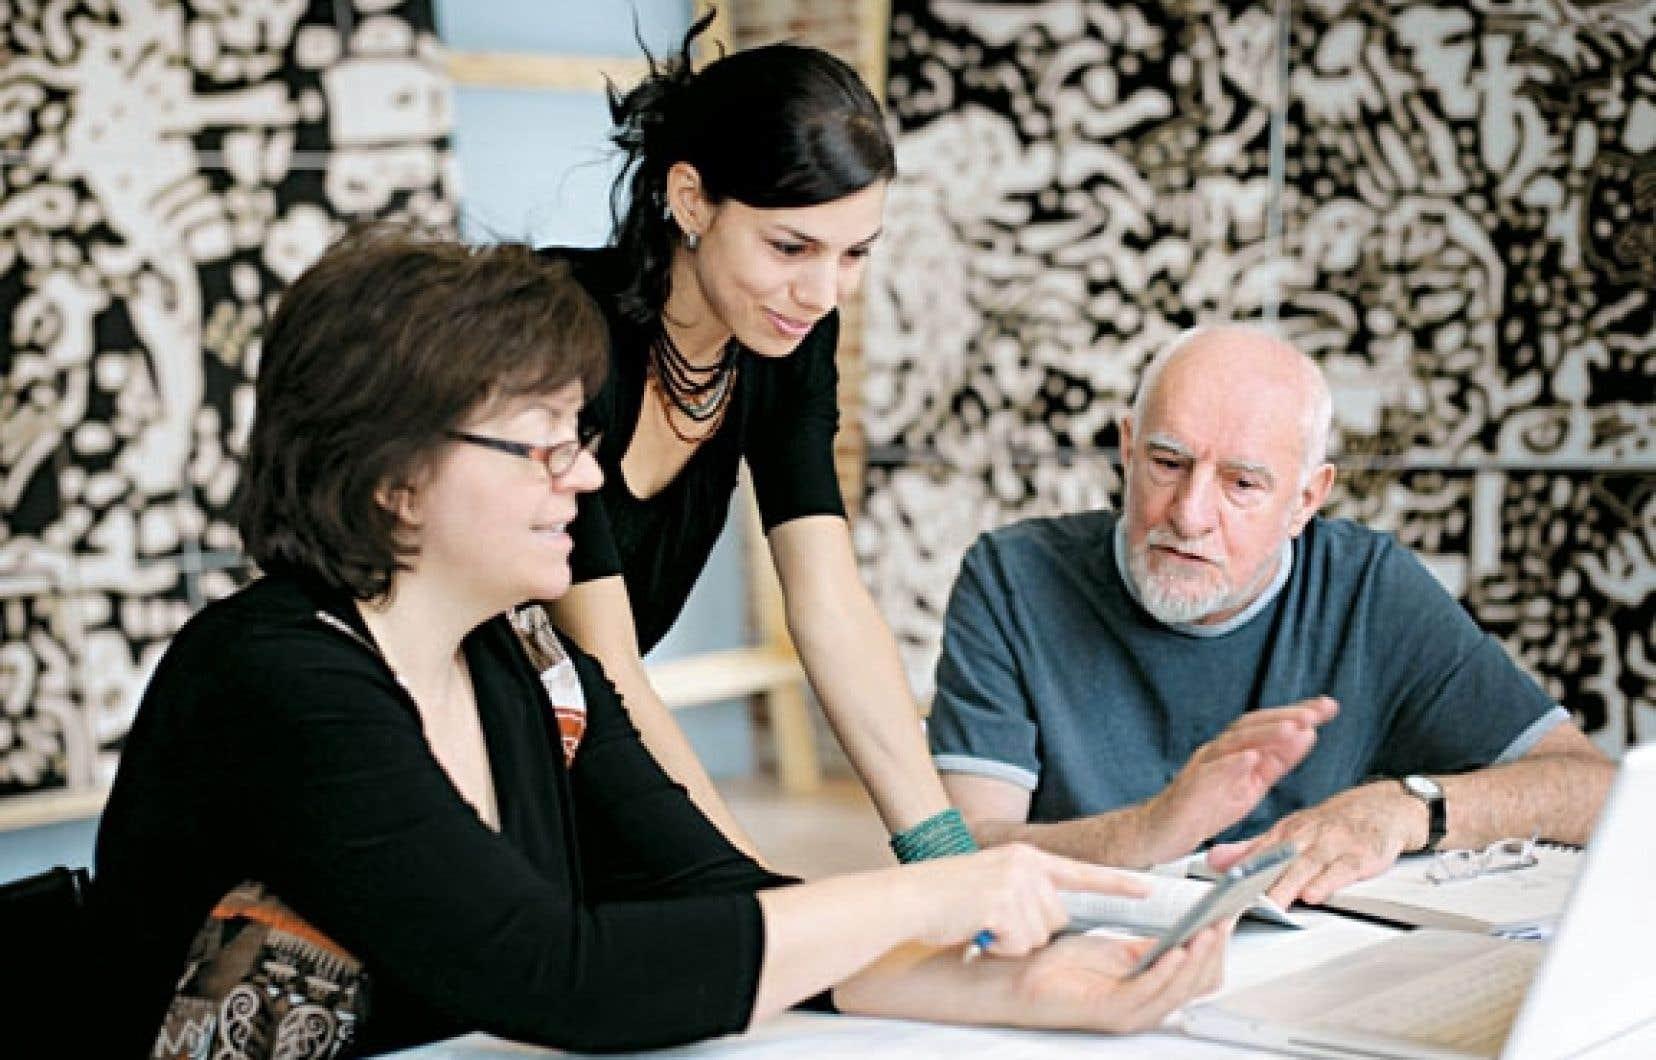 La directrice général des Jardins du précambrien, Marie-Claude Cossette, en compagnie de la commissaire invitée, Chloë Charce, et du fondateur des lieux, René Derouin.